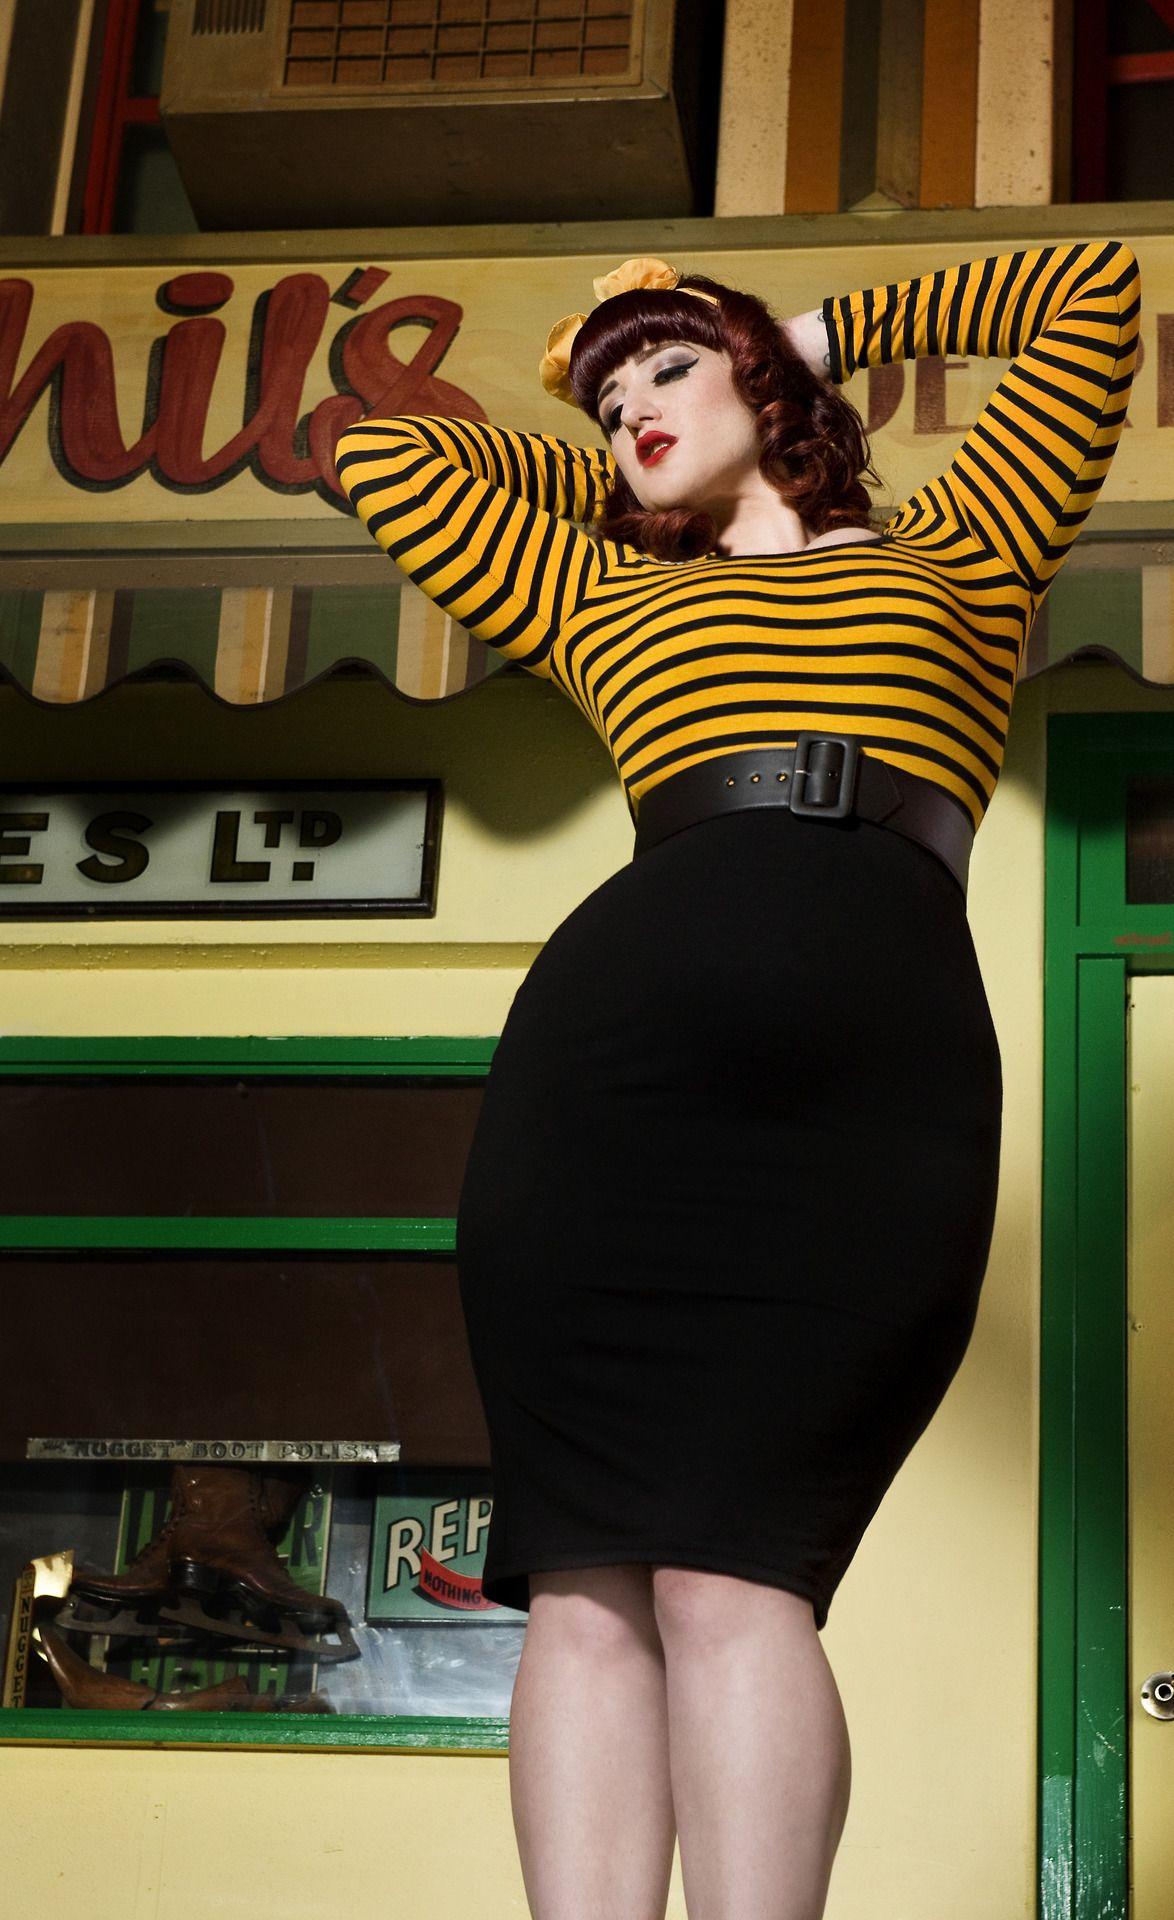 Curvy Betty Photo